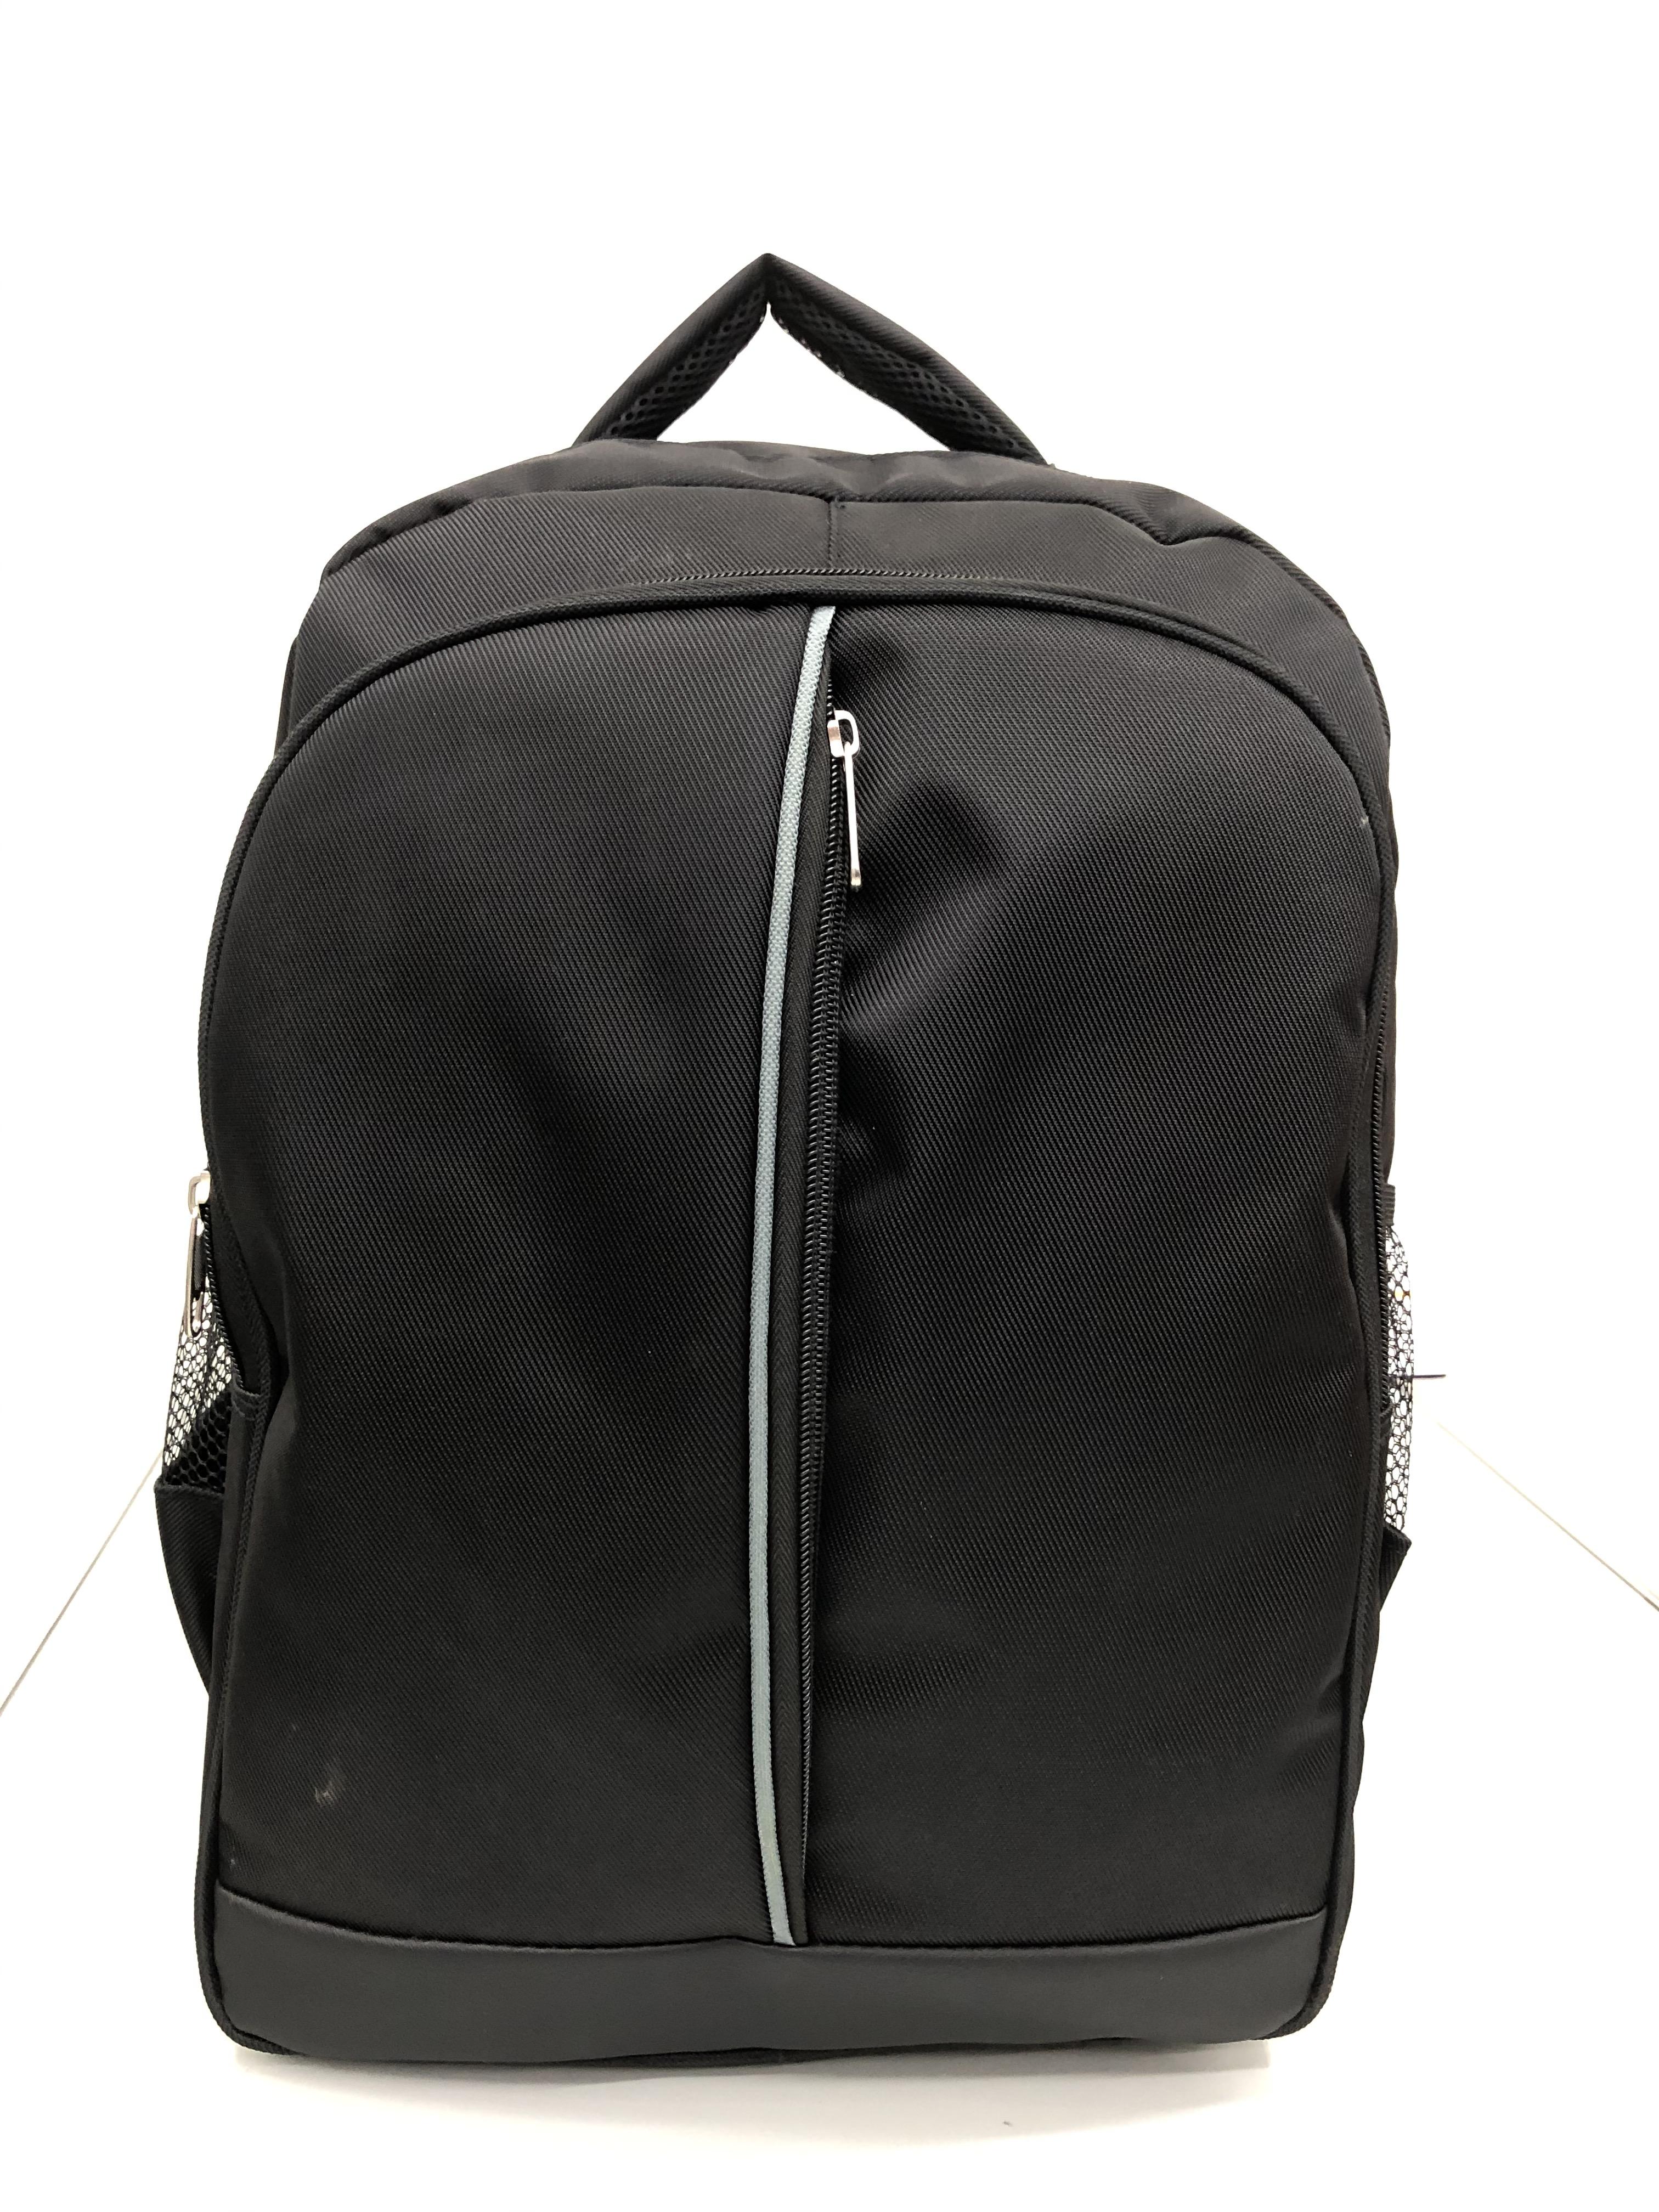 กระเป๋าเป้ เป้สะพายหลัง เป้โน้ตบุ๊ค BP 096